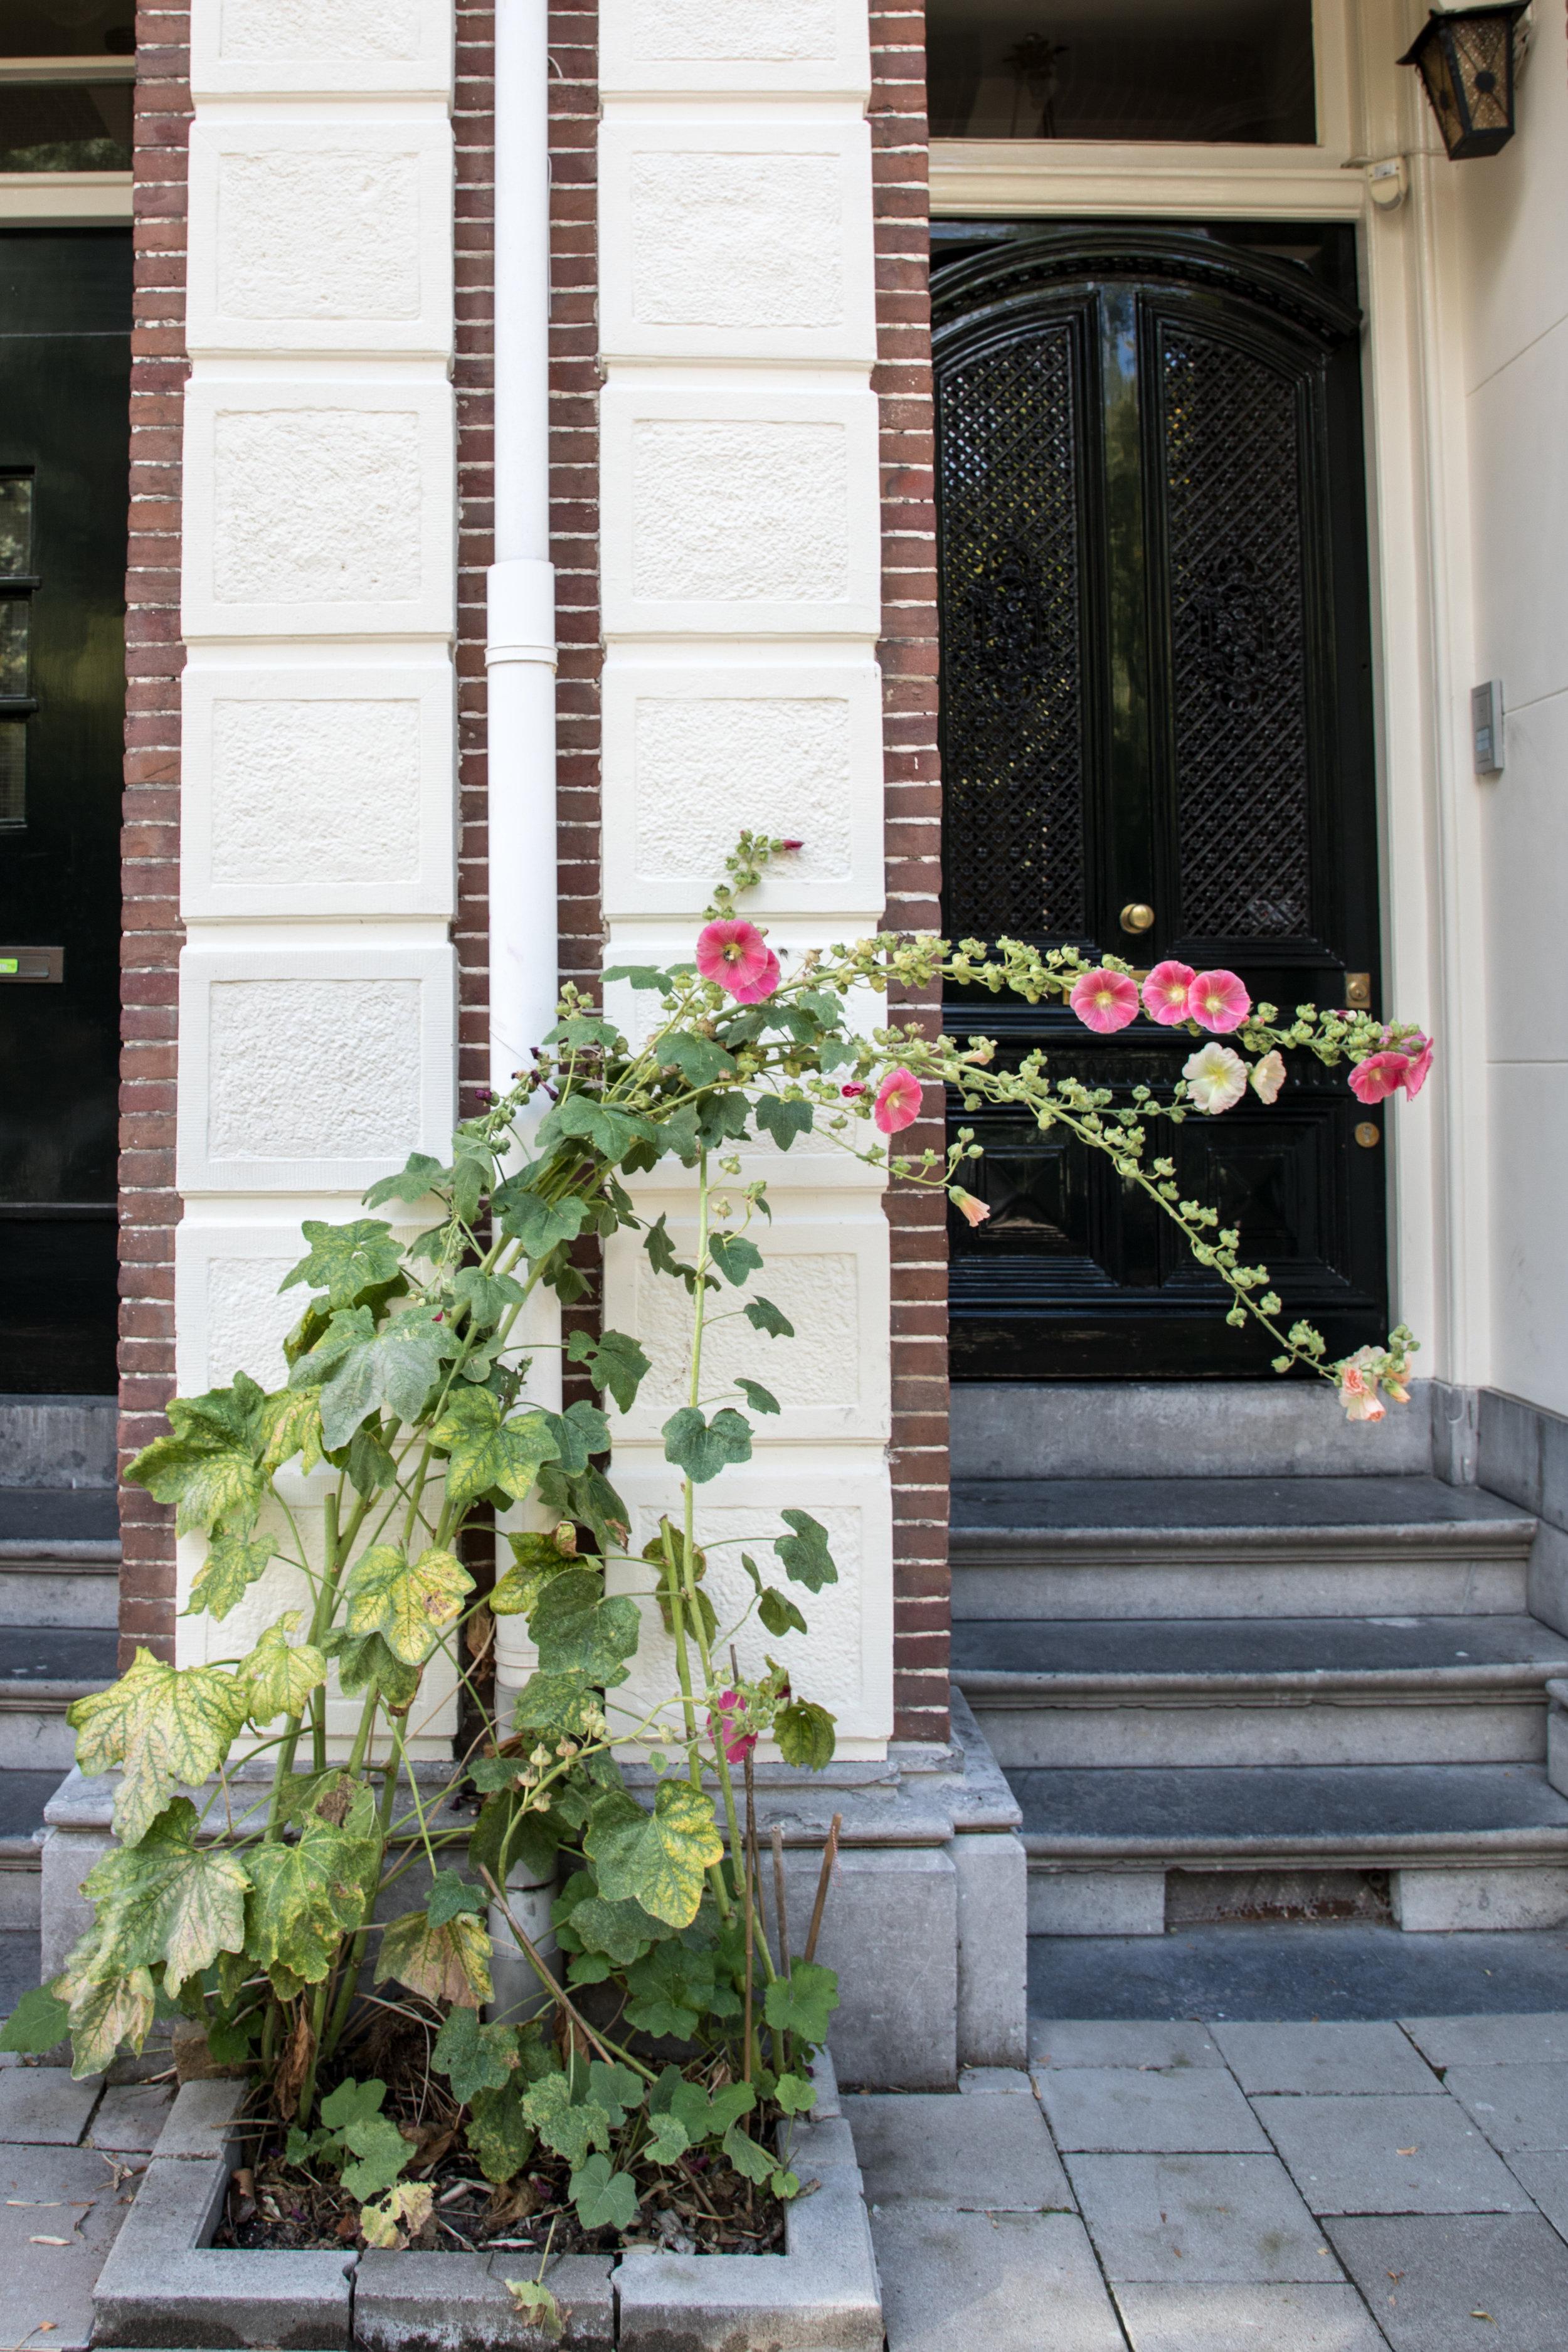 amsterdam-summer-hollyhocks-7.jpg